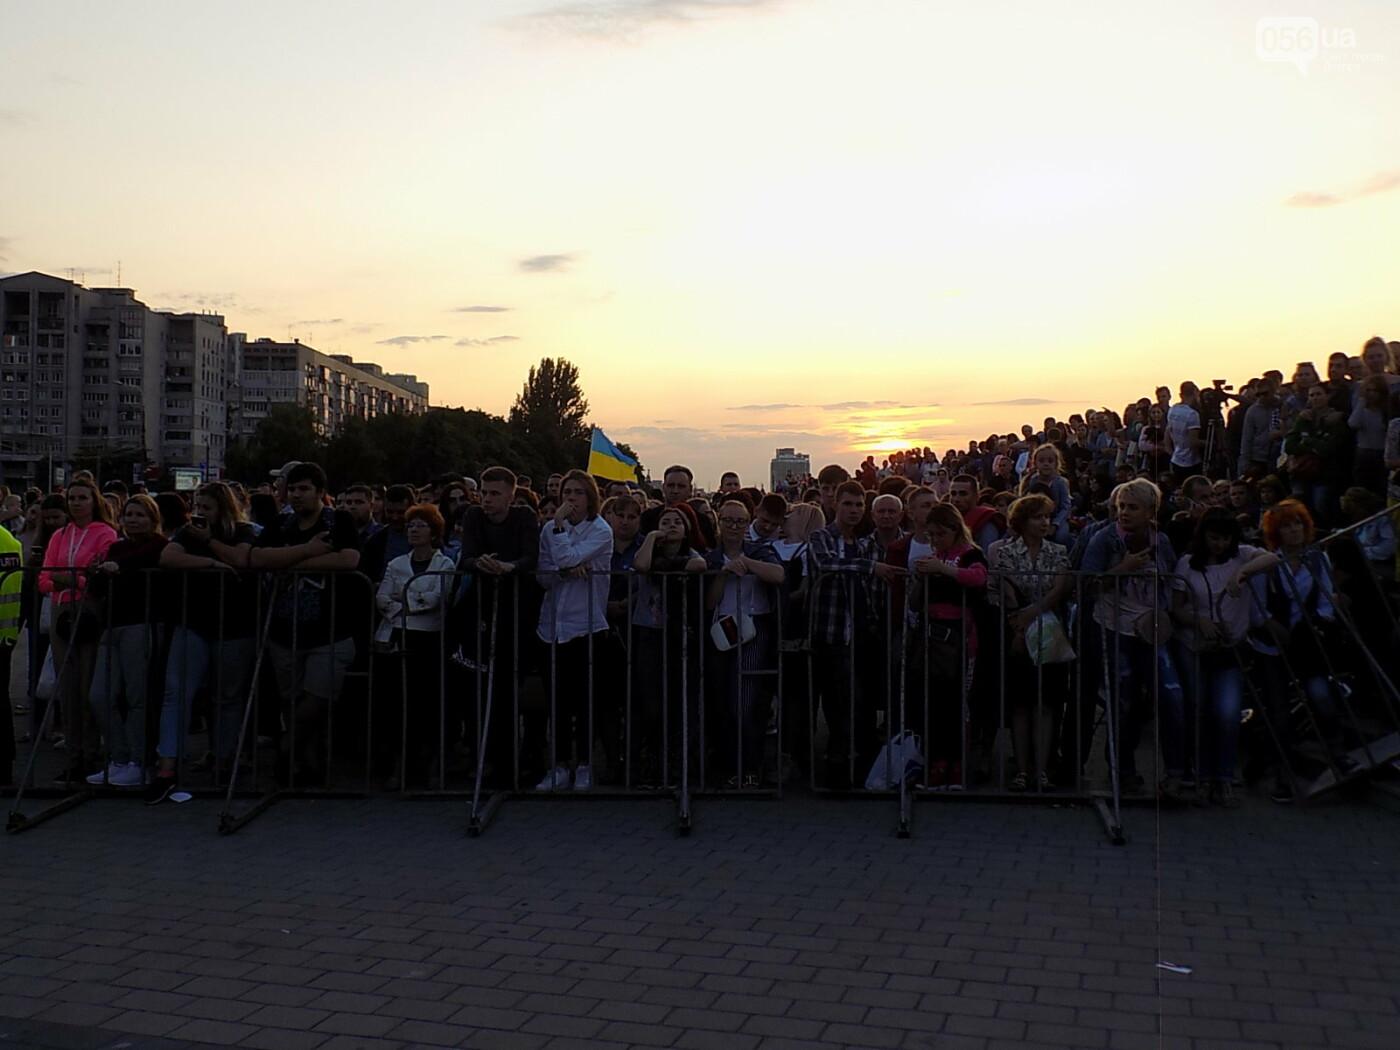 В Днепре прошел концерт группы Океан Эльзы: как это было, - ФОТО, фото-1